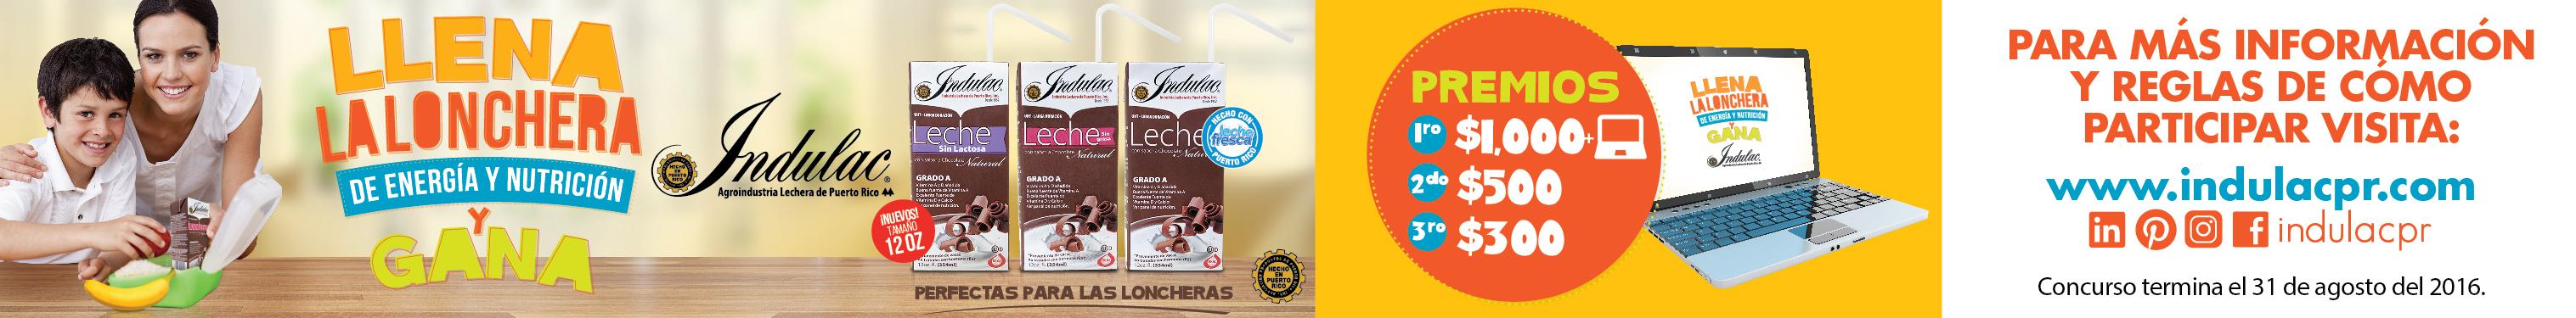 Web-Banner-728x90-Llena-La-Lonchera-de-Energía-y-Nutrición-Indulac-20